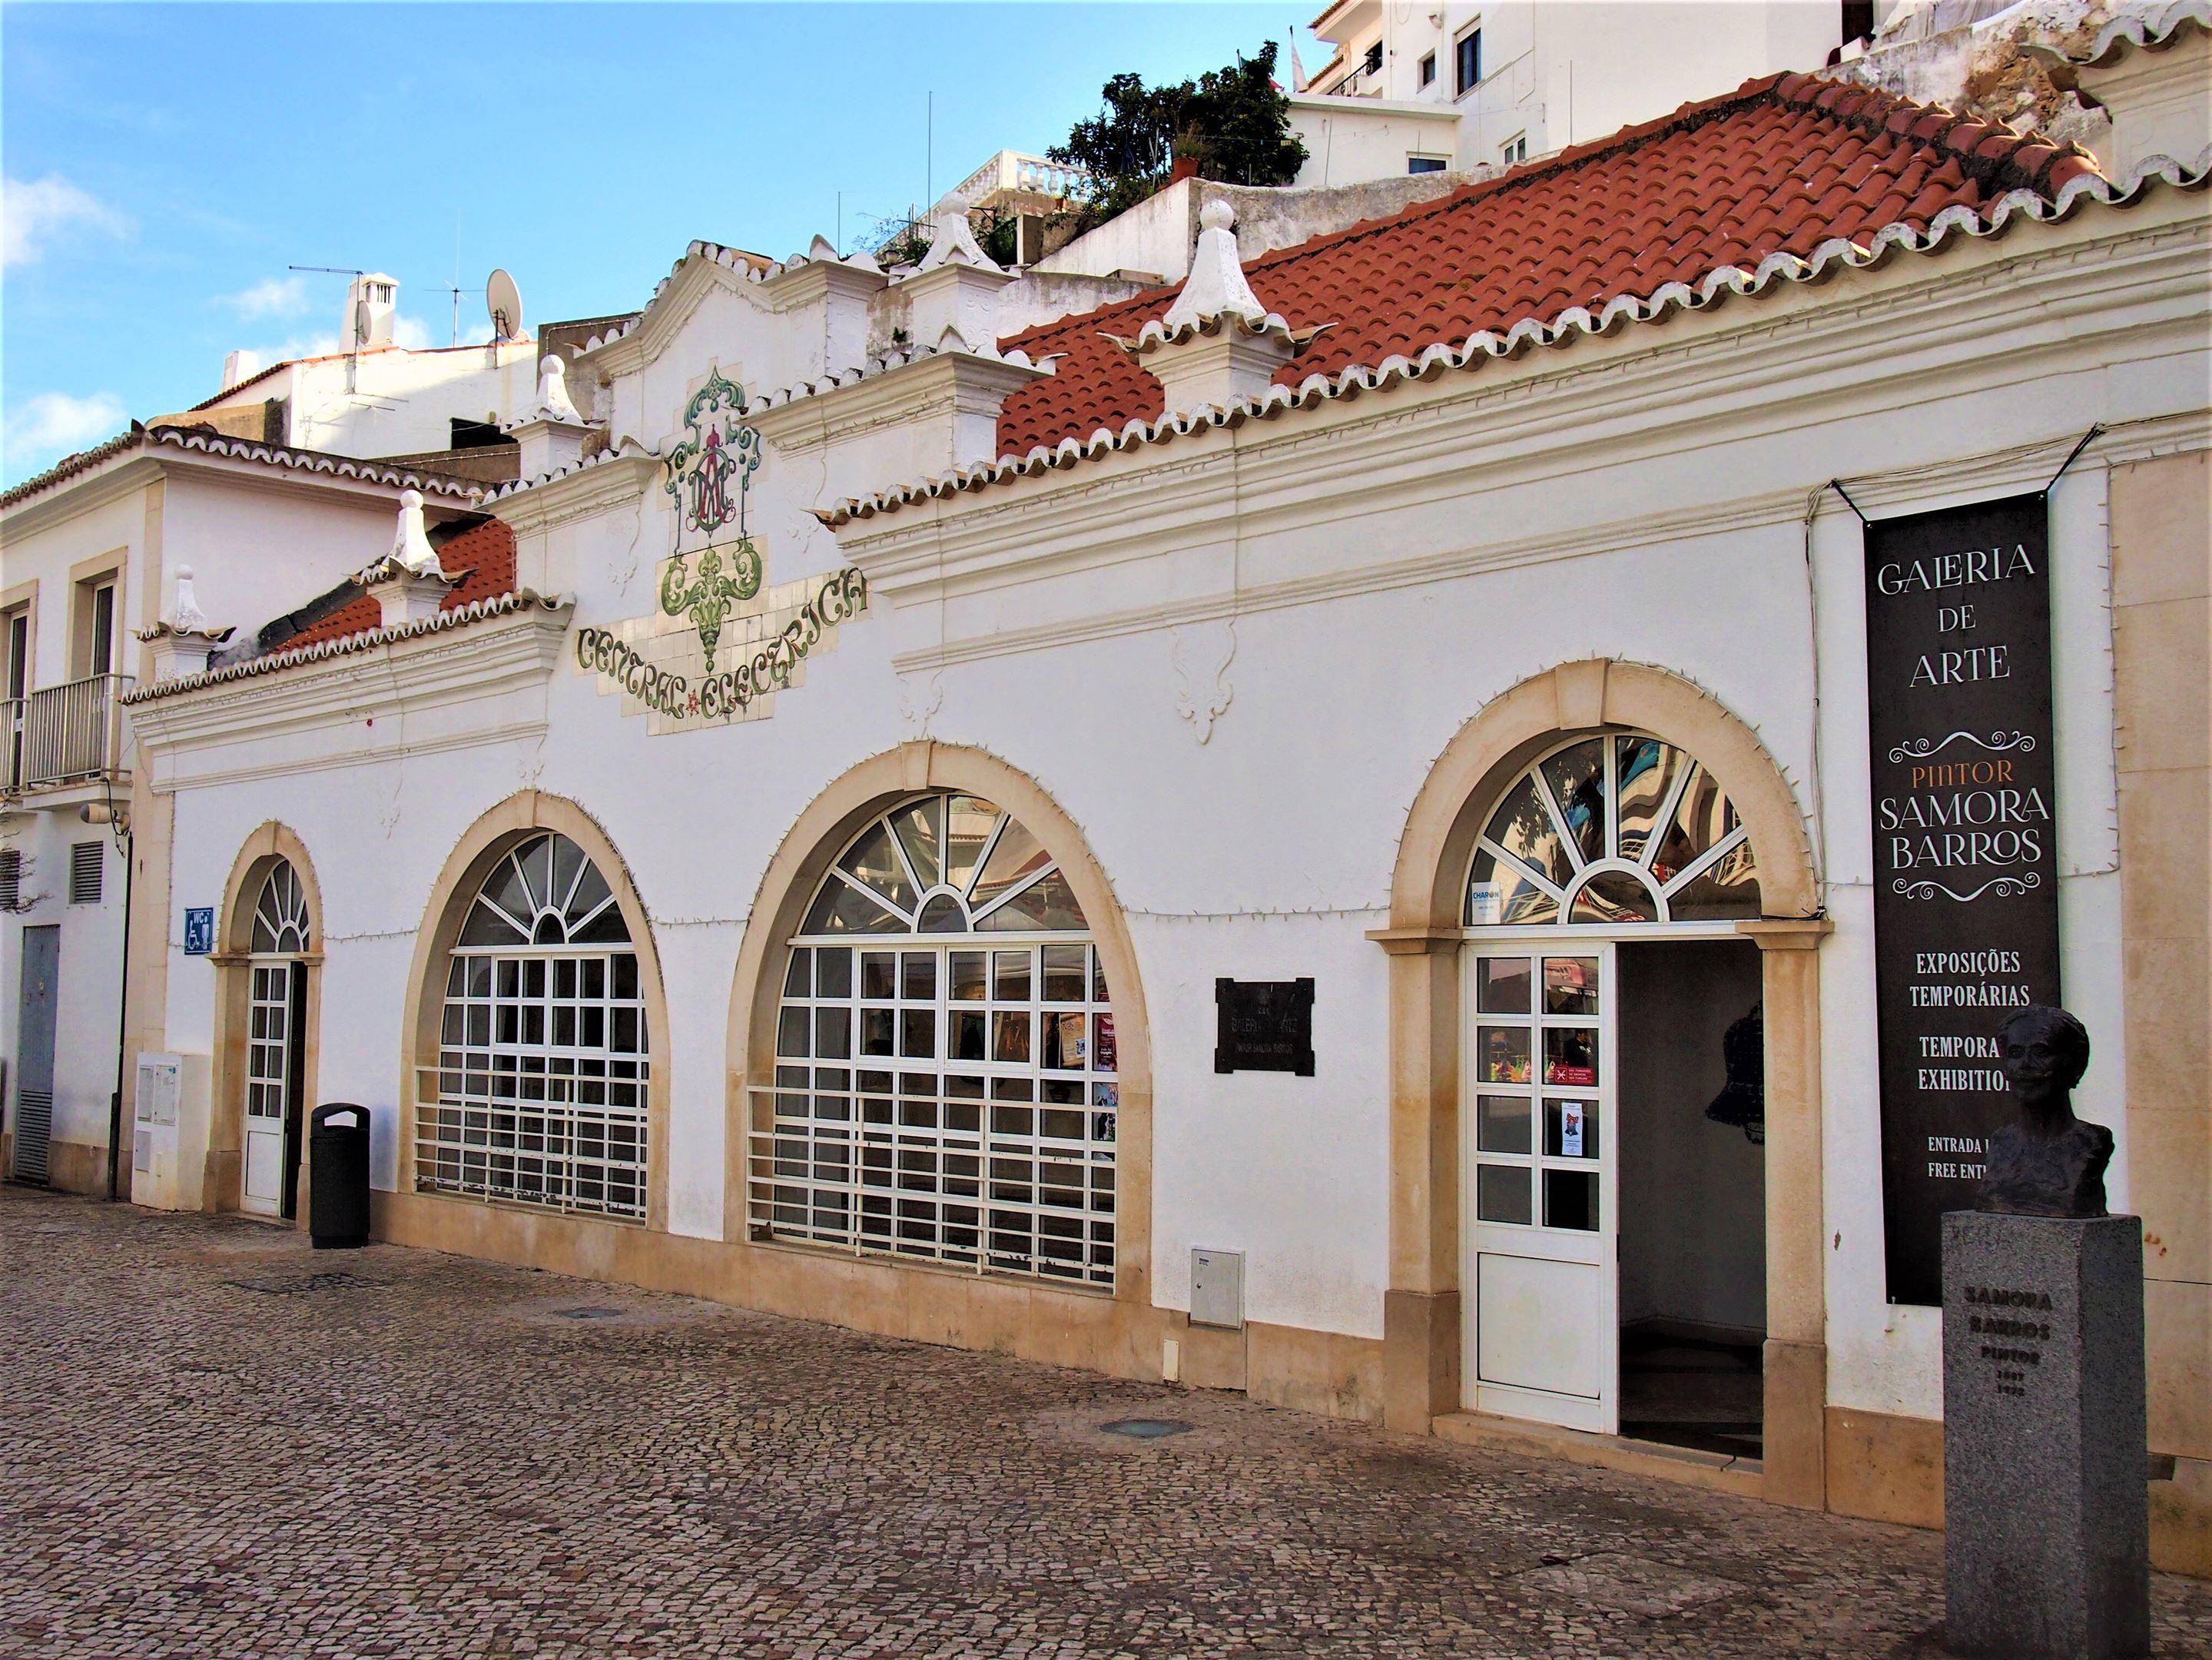 Galeria de Arte Pintor Samara Barros, Albufeira